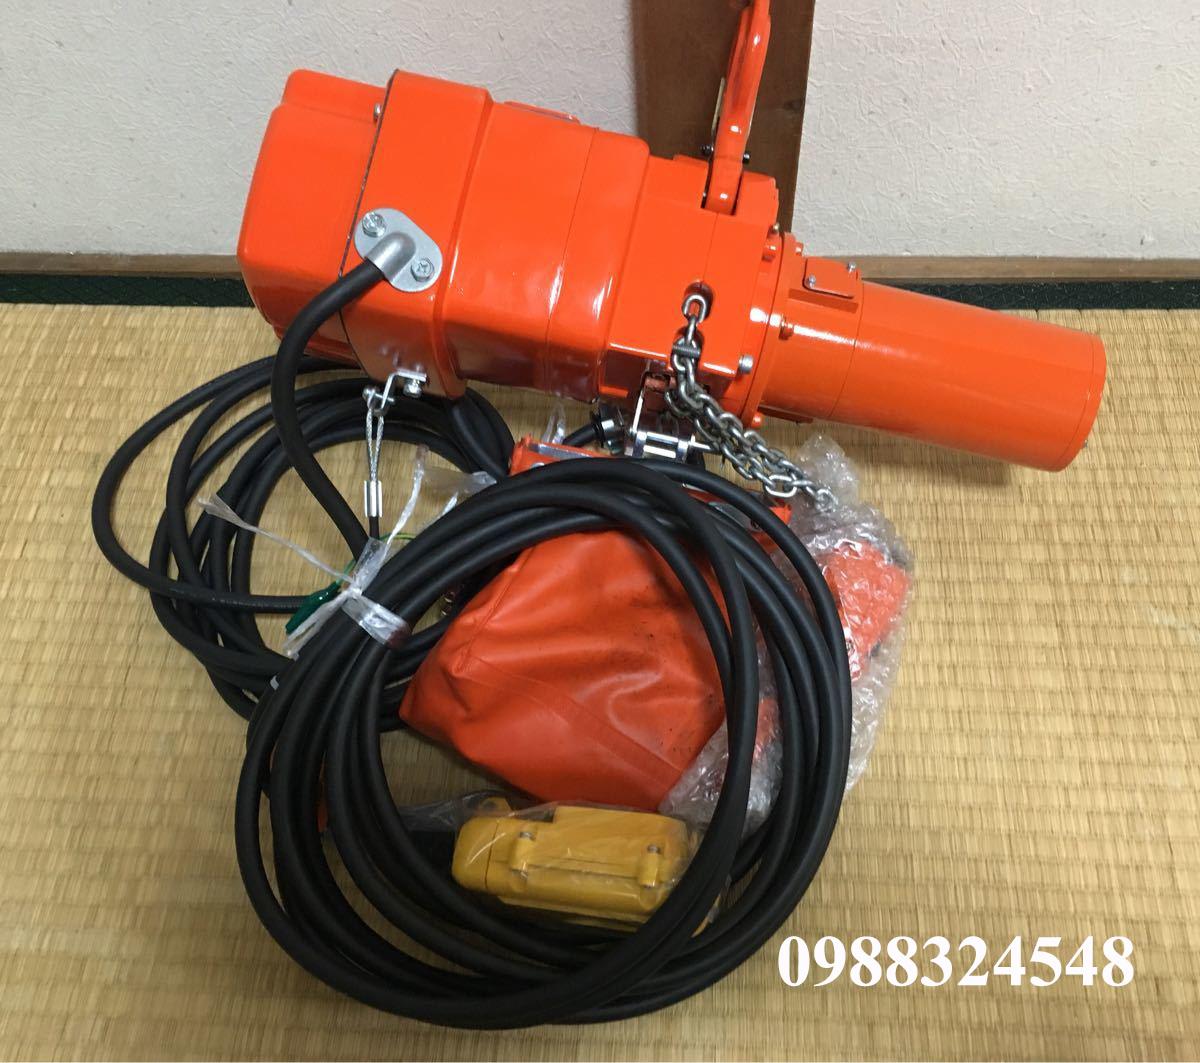 Pa lăng điện xích Elephant αs-049 490kg